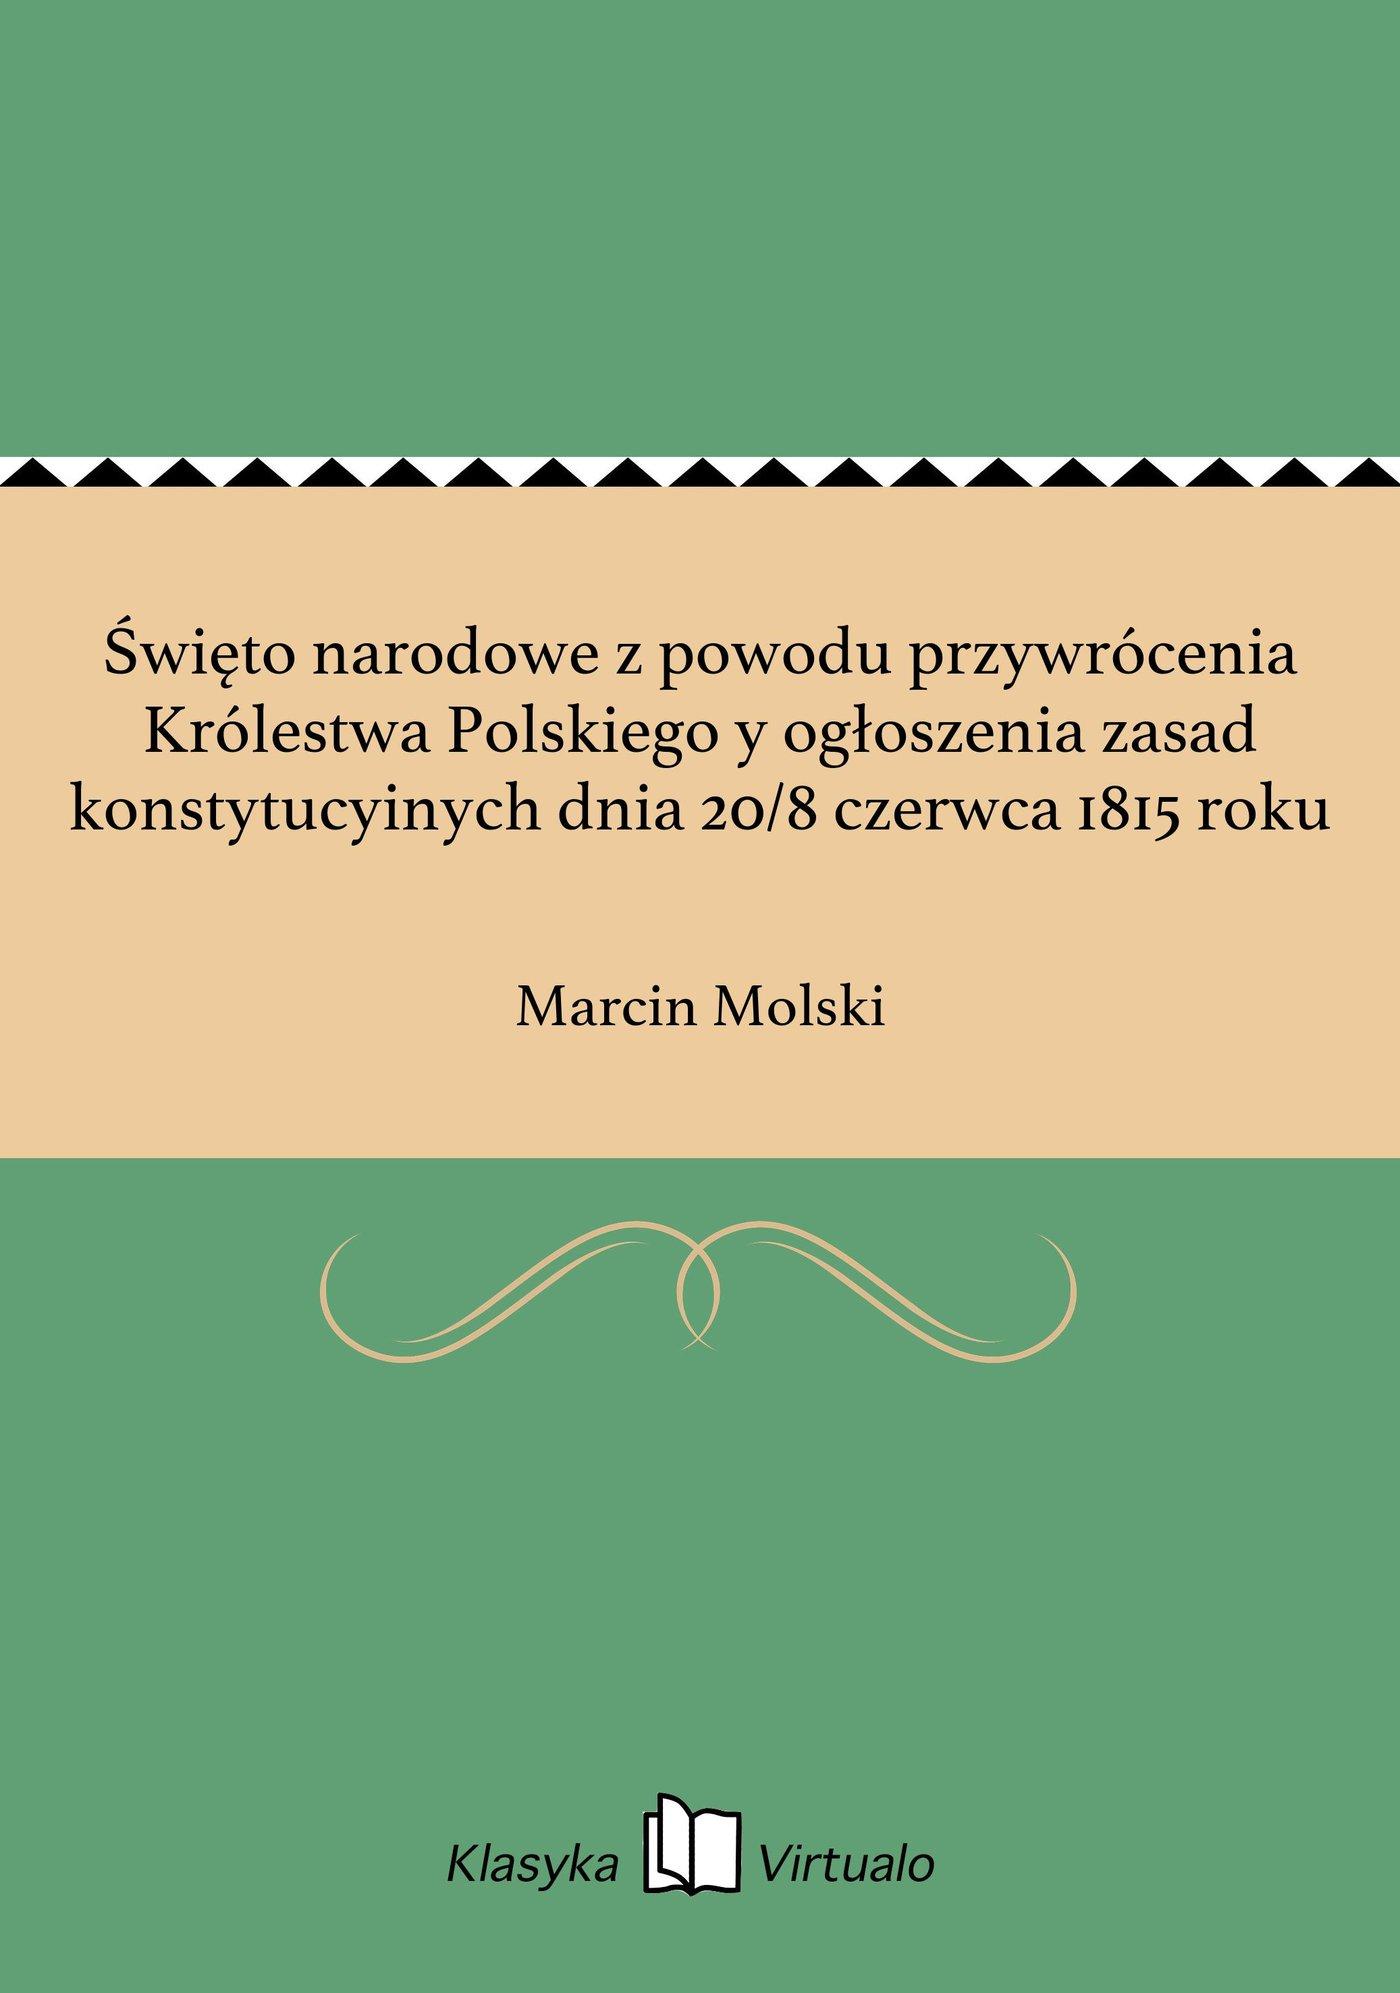 Święto narodowe z powodu przywrócenia Królestwa Polskiego y ogłoszenia zasad konstytucyinych dnia 20/8 czerwca 1815 roku - Ebook (Książka na Kindle) do pobrania w formacie MOBI